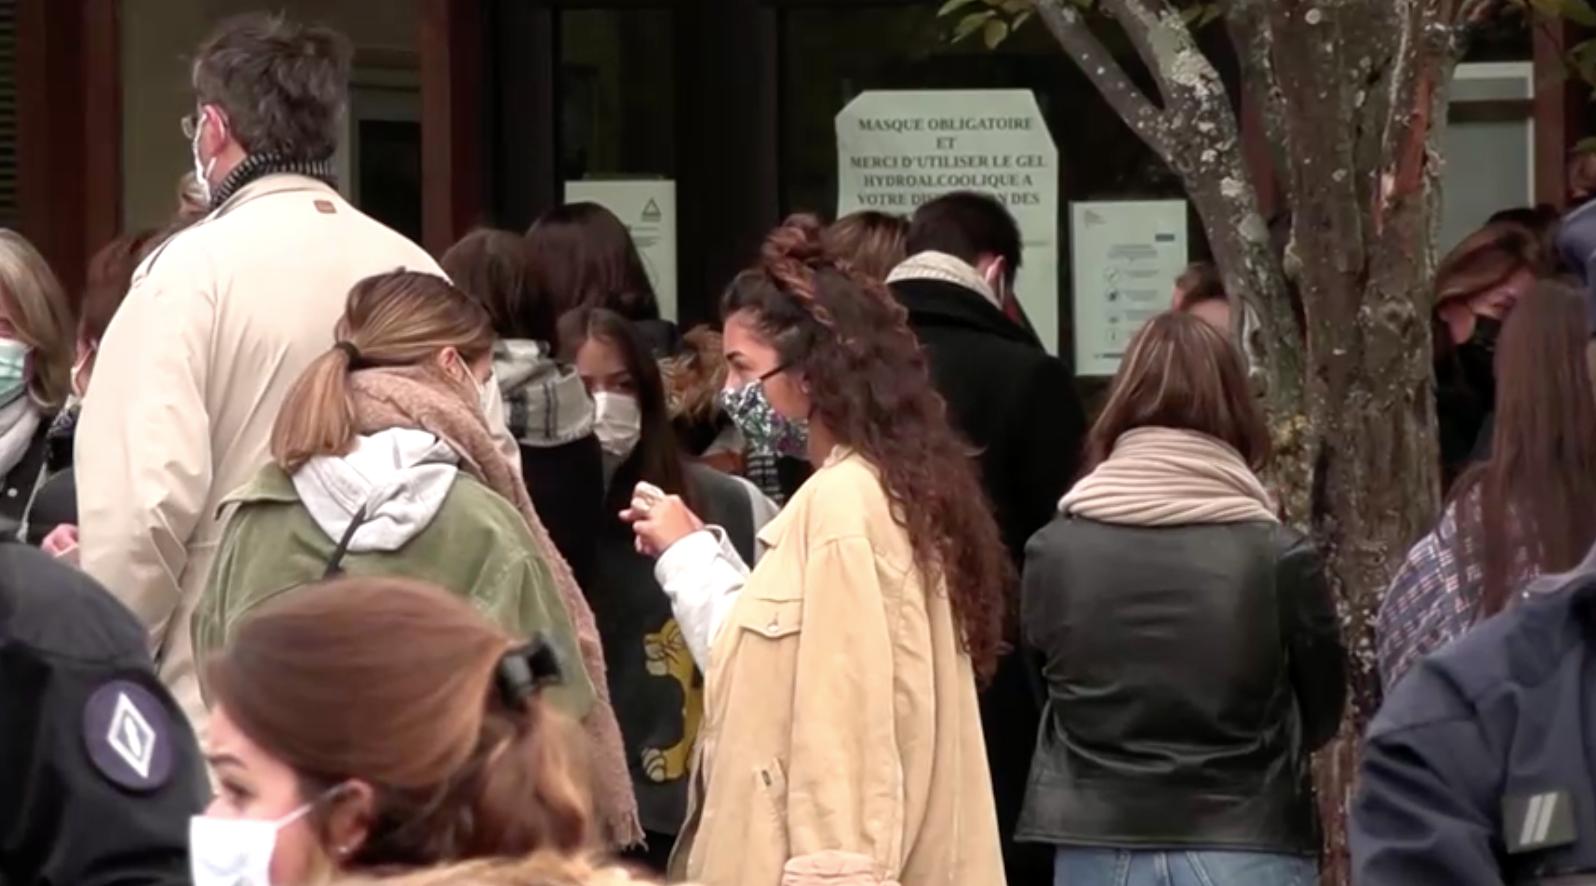 Cảnh sát Pháp bắt giữ một sốnghi cansau khi một giáo viên bị chặt đầu ở ngoại ô Paris